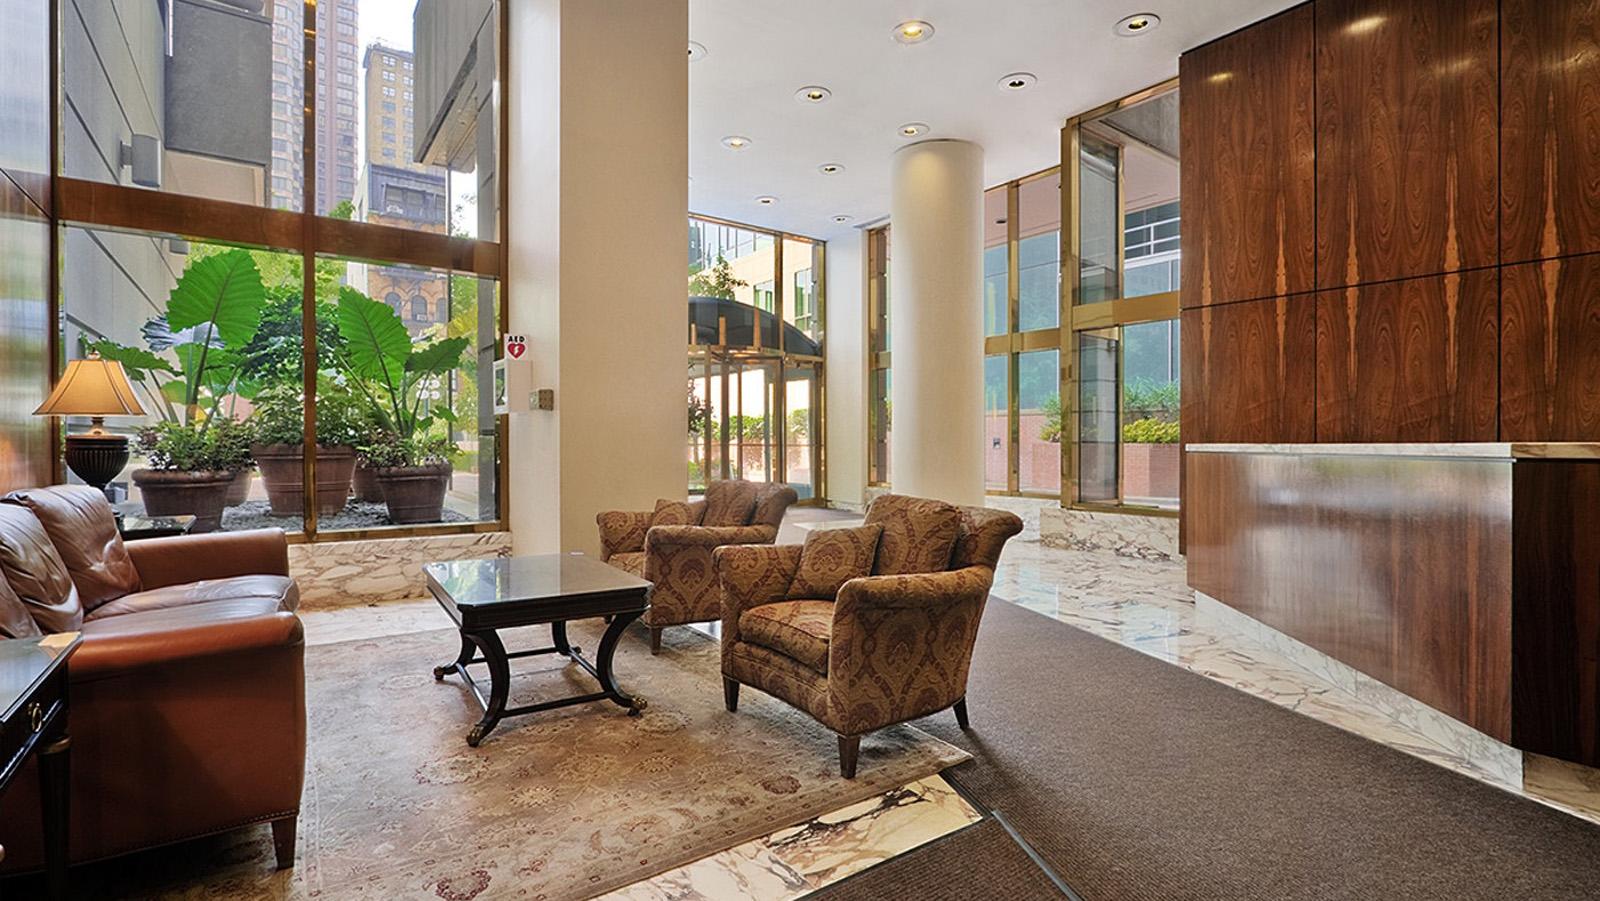 The Vanderbilt, 235 East 40th Street